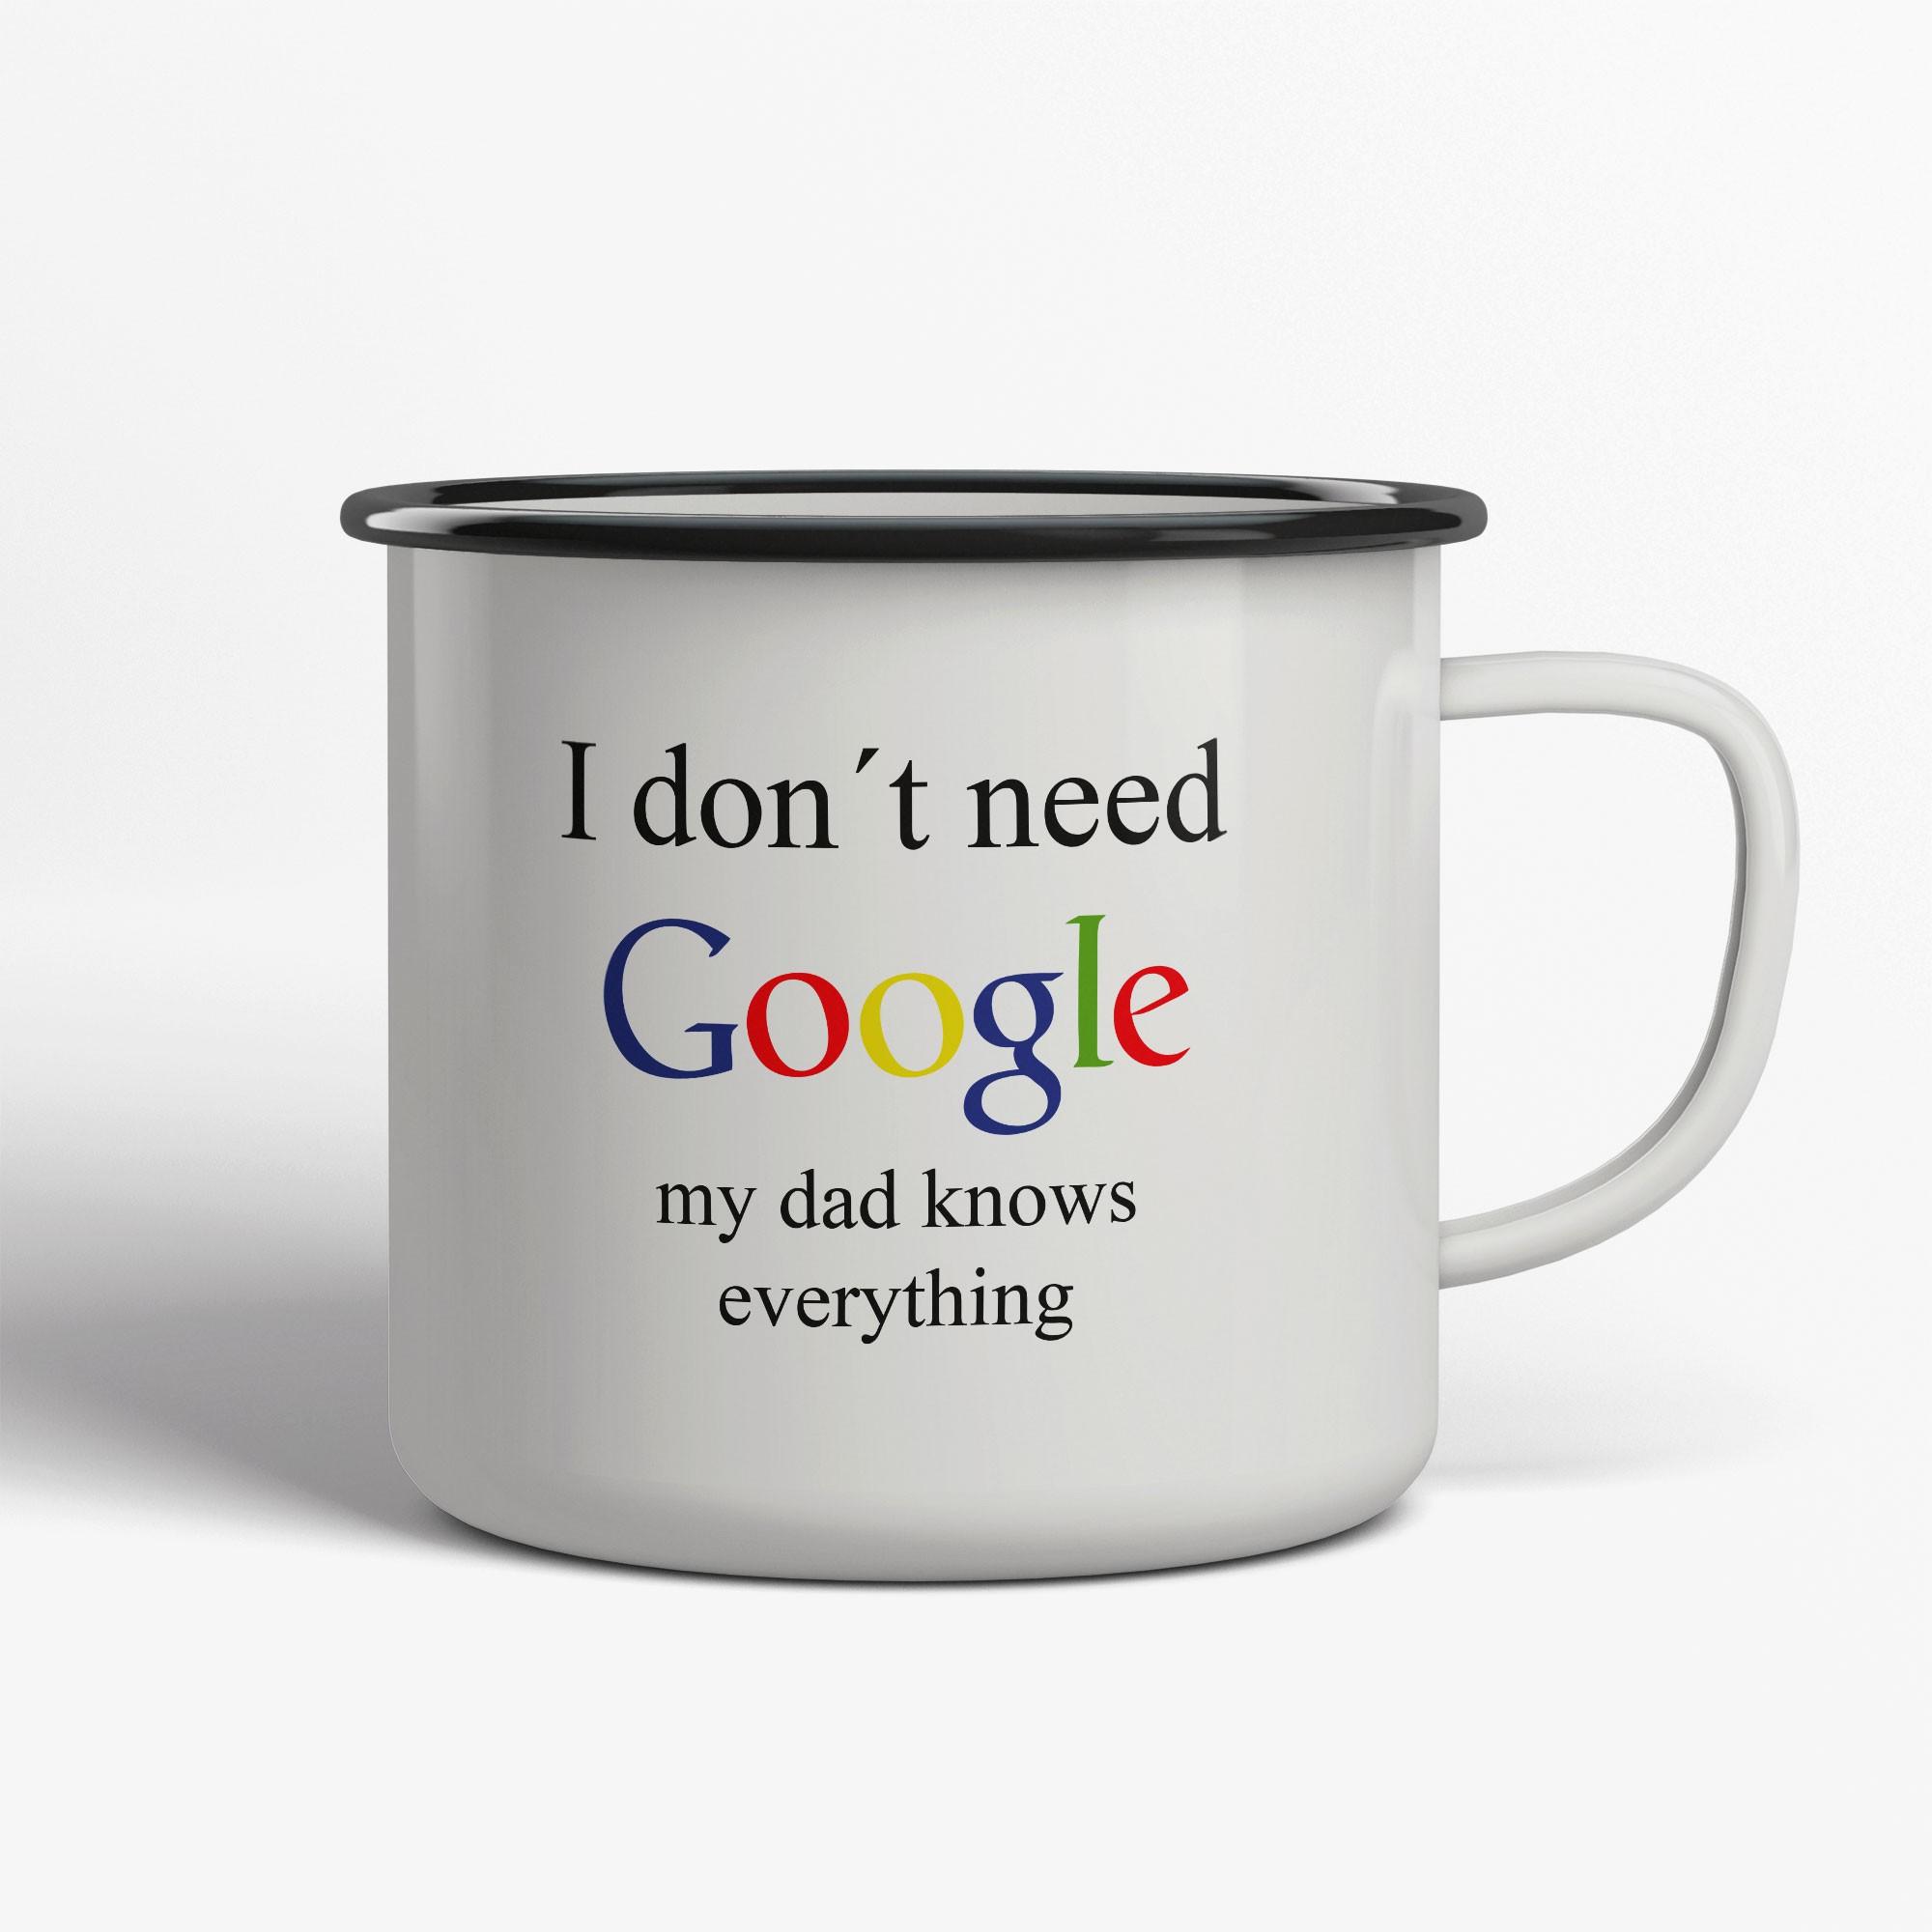 I Don't need Google My Dad Emaljmugg